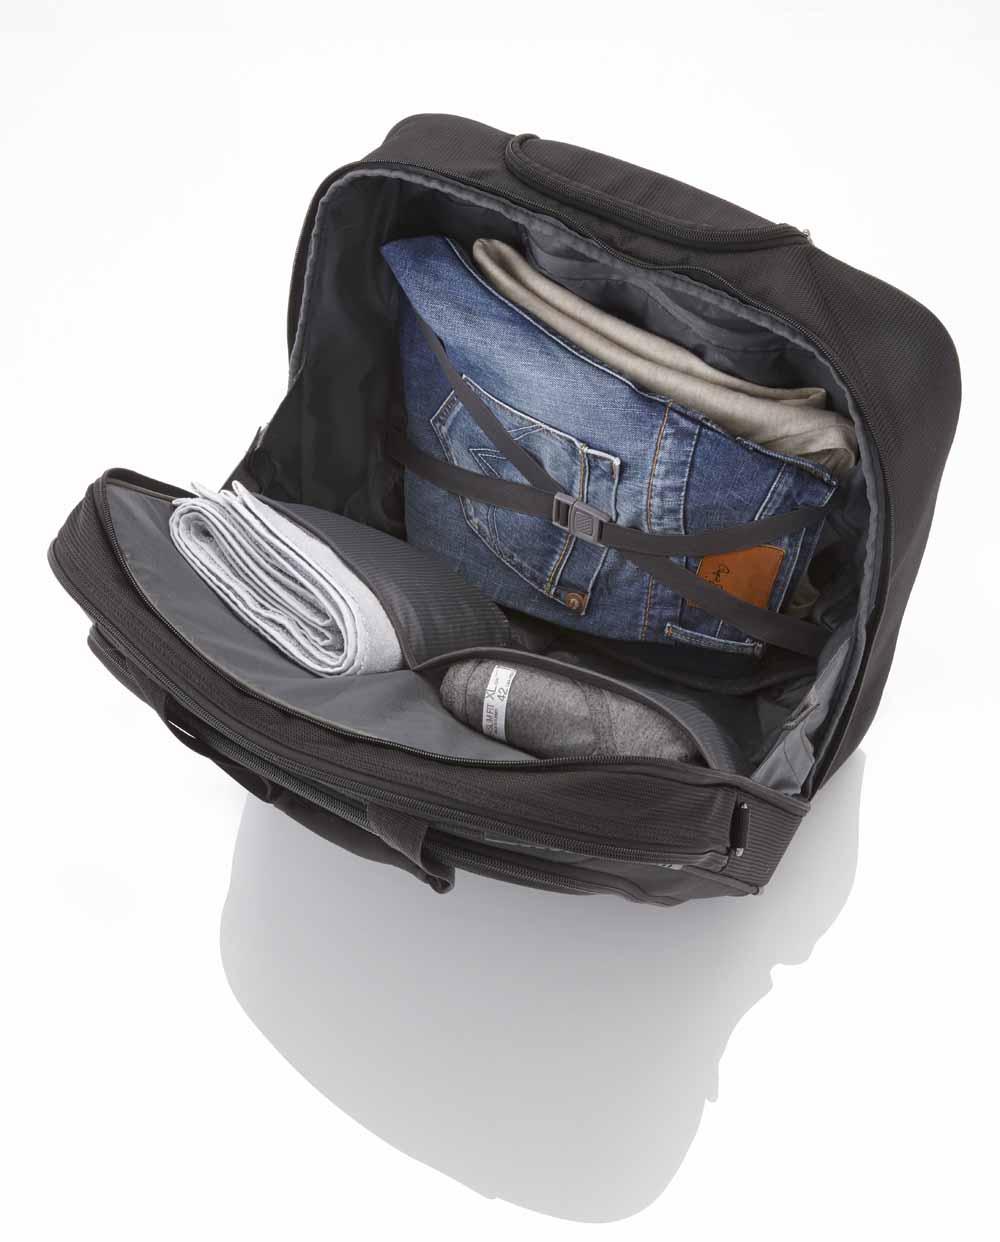 89506 TRAVELITE CROSSLITE Torba podróżna - pilotka na laptopa do 17 42L Schwarz, zdjęcie szczegółu